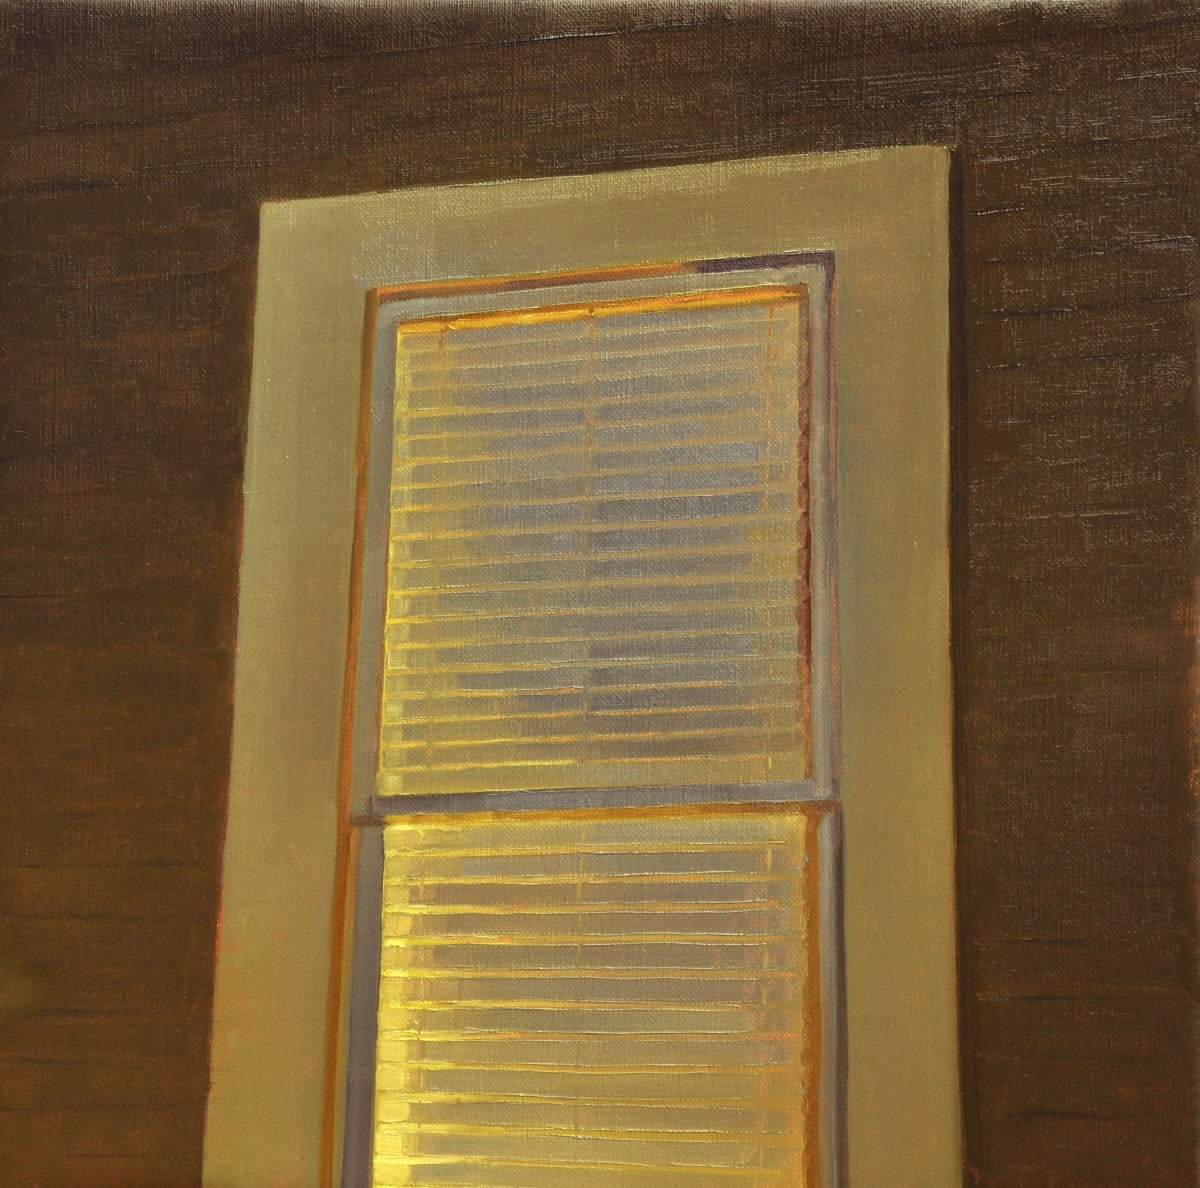 Maeve McCarthy Nightblind Oil on canvas 40 x 40 cm